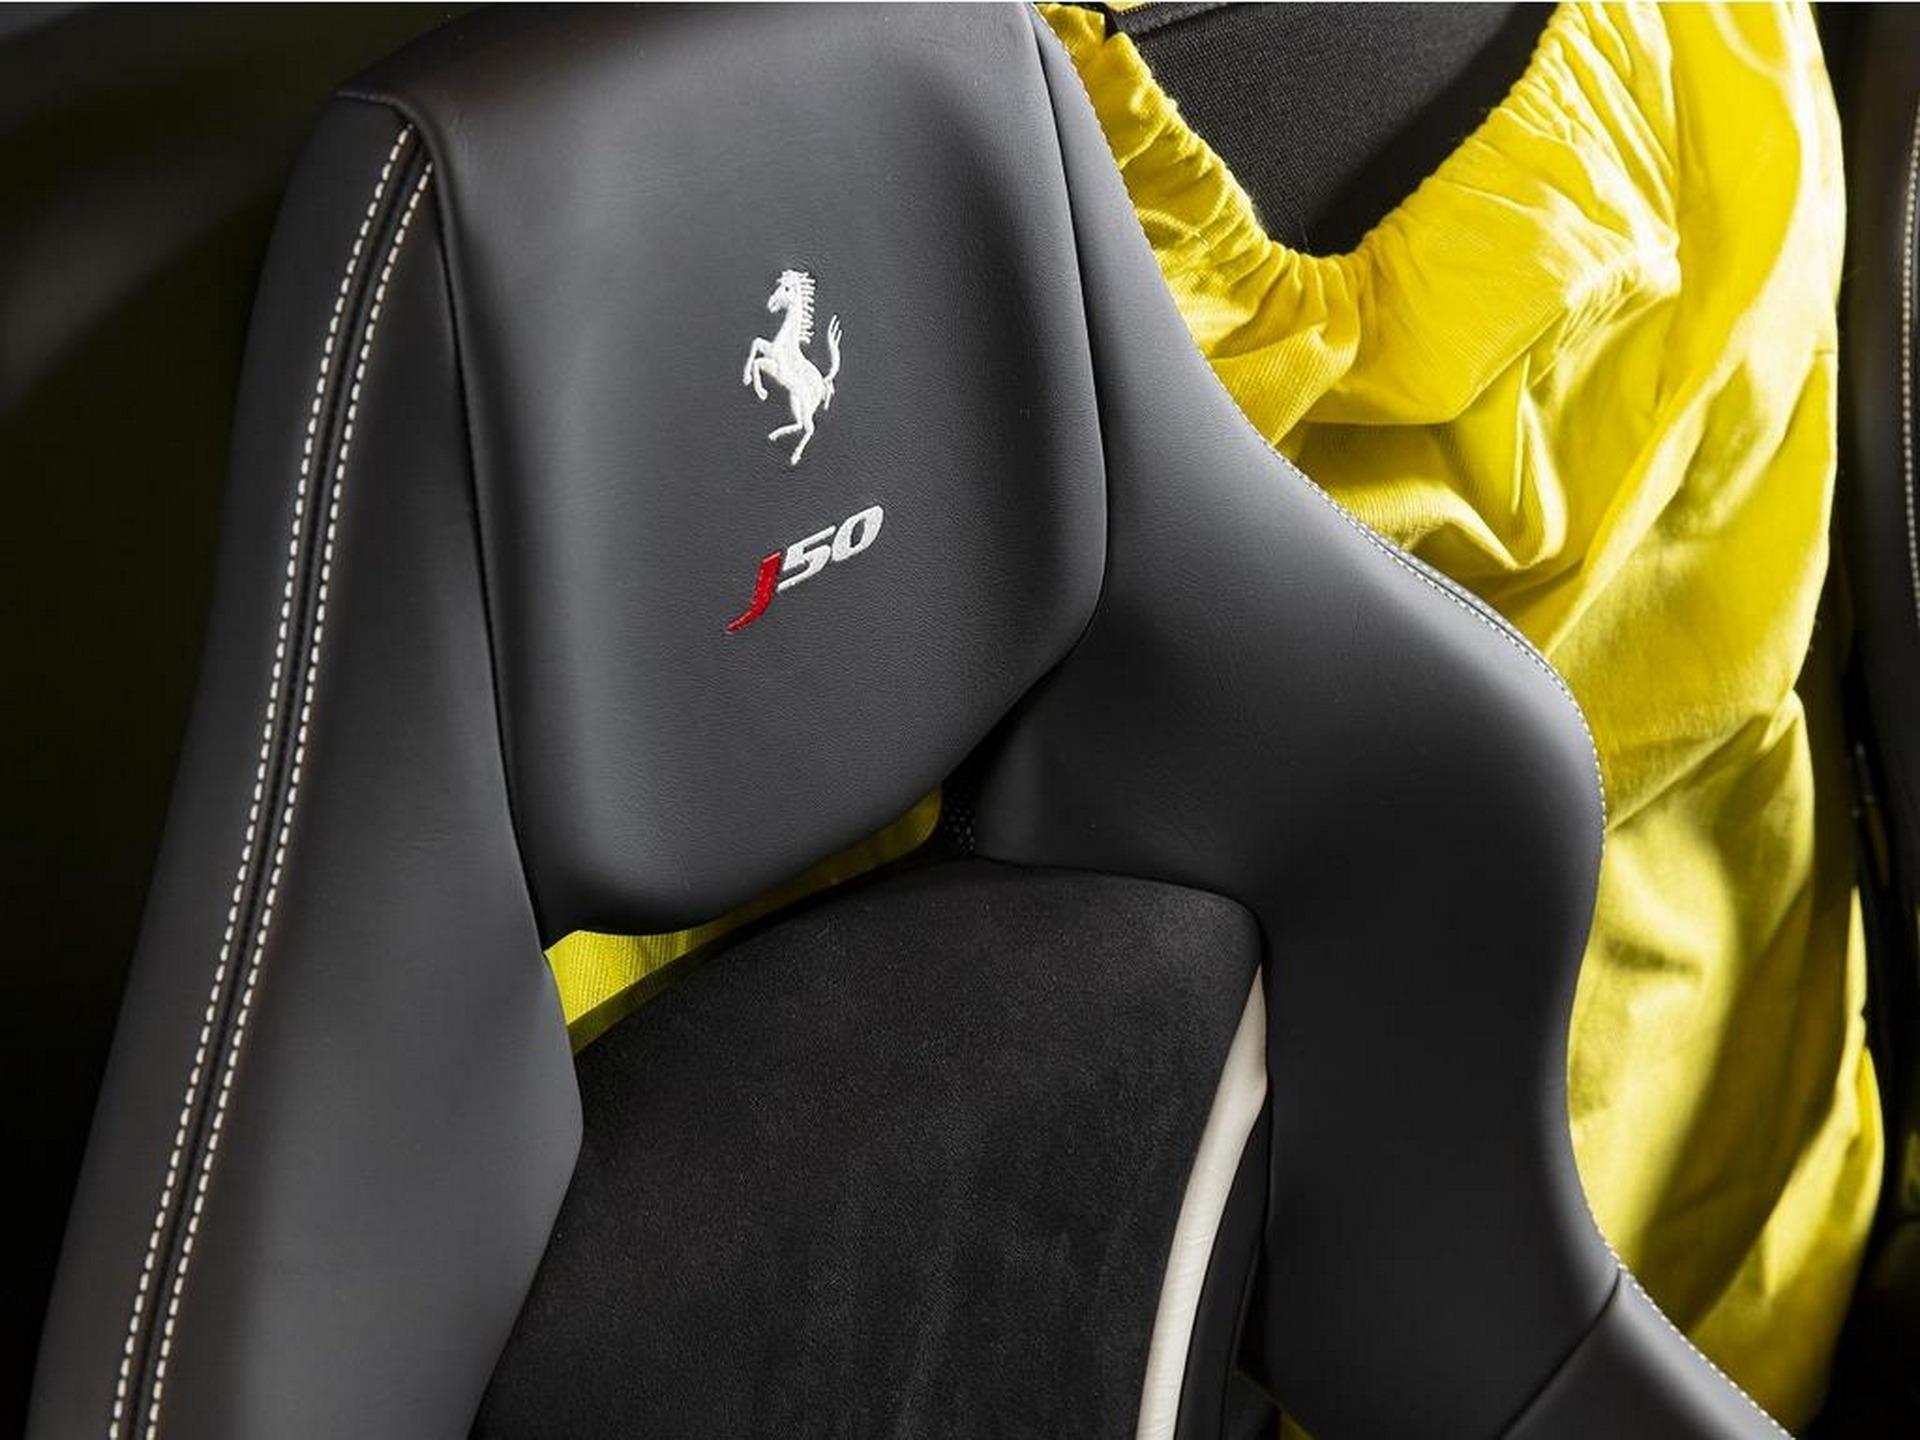 全球仅有的10台之一,法拉利J50正在日本出售